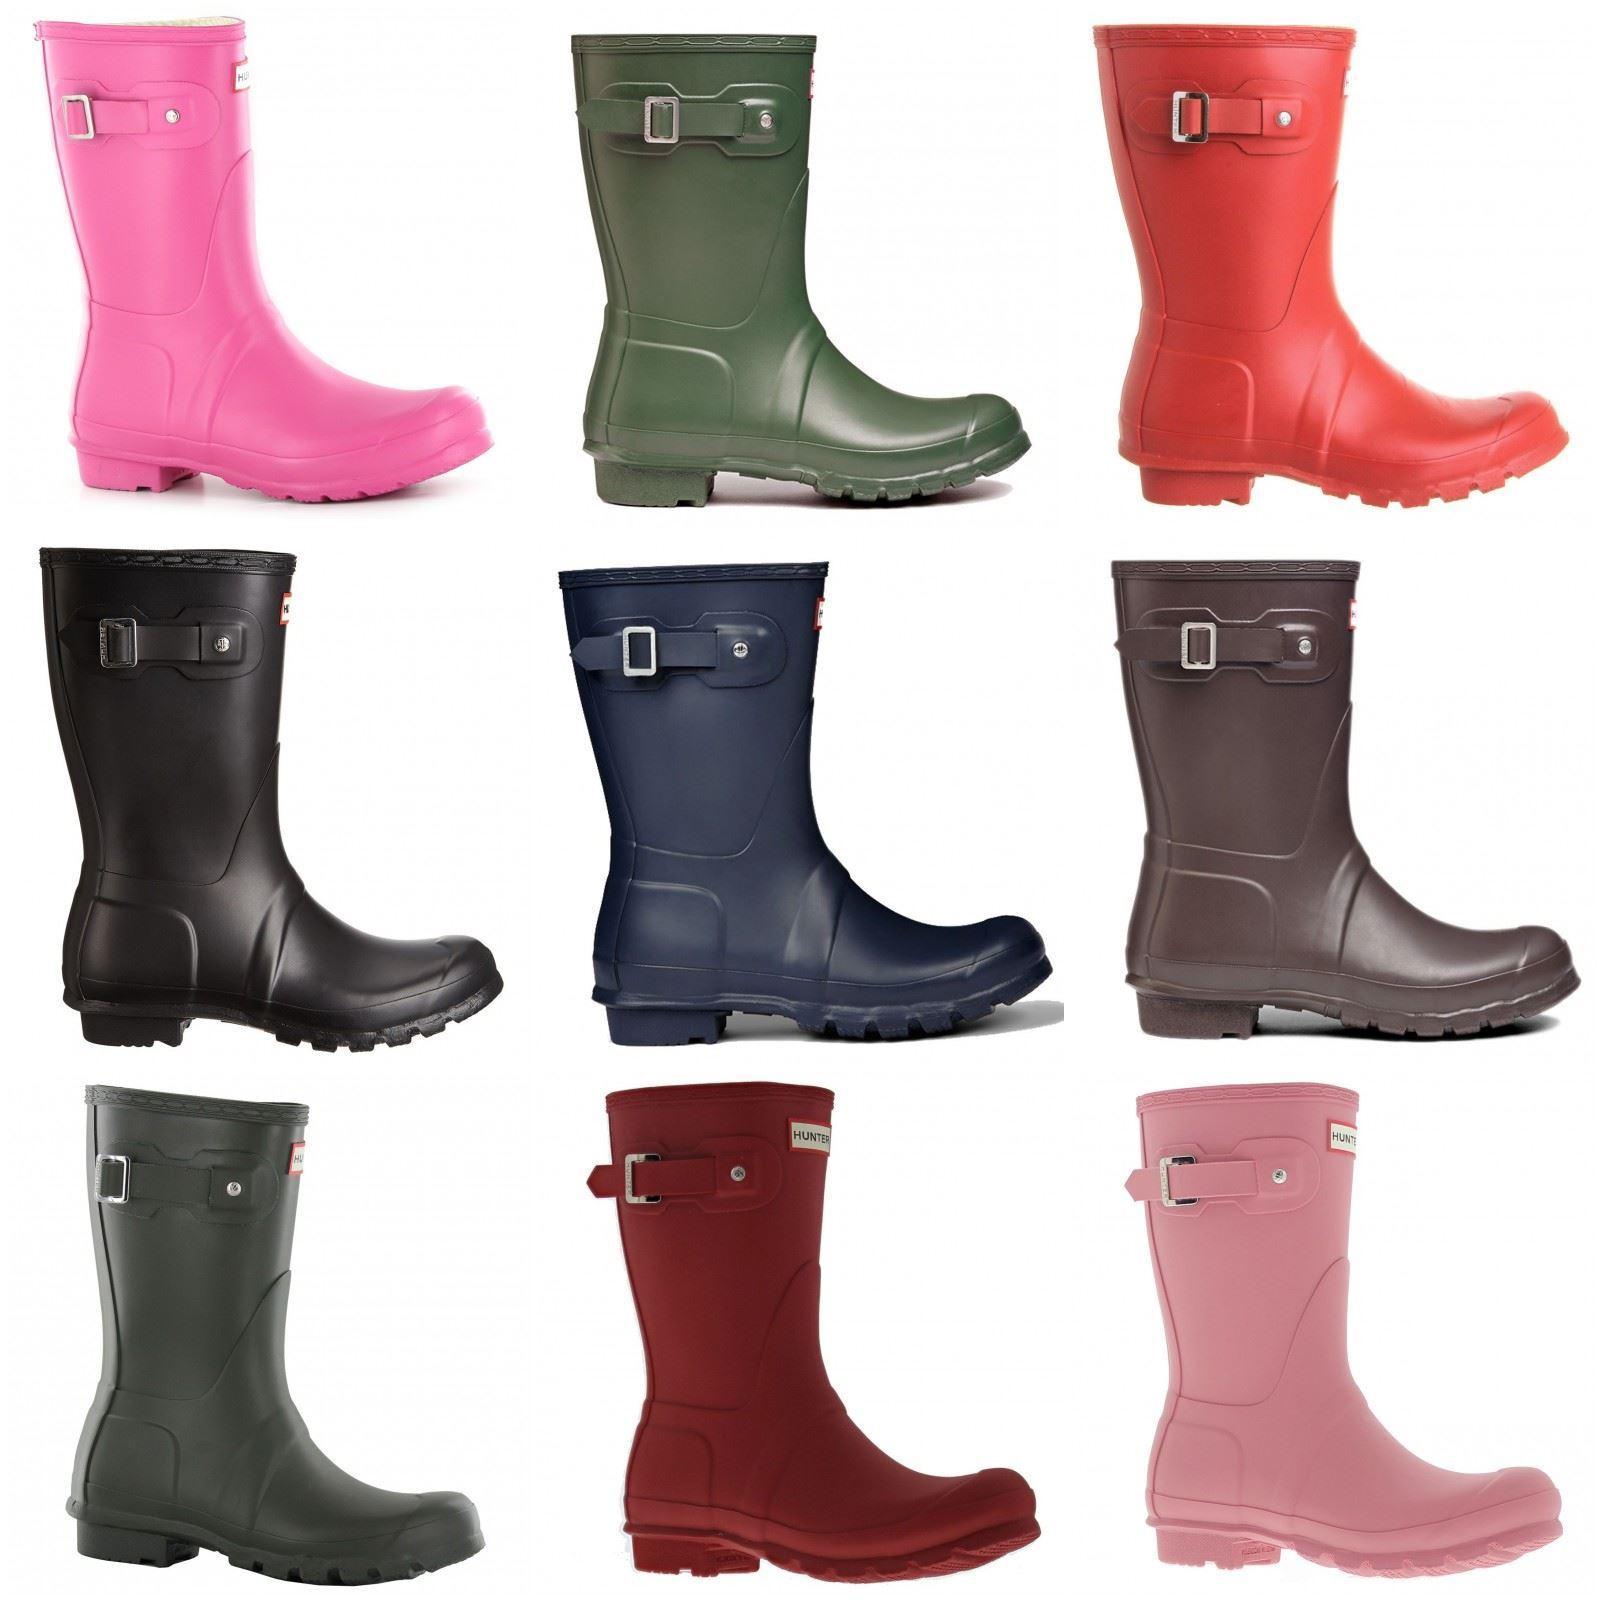 tutti i prodotti ottengono fino al 34% di sconto HUNTER Original Corto Di Gomma Donna Donna Donna Wellington Rain stivali  punto vendita